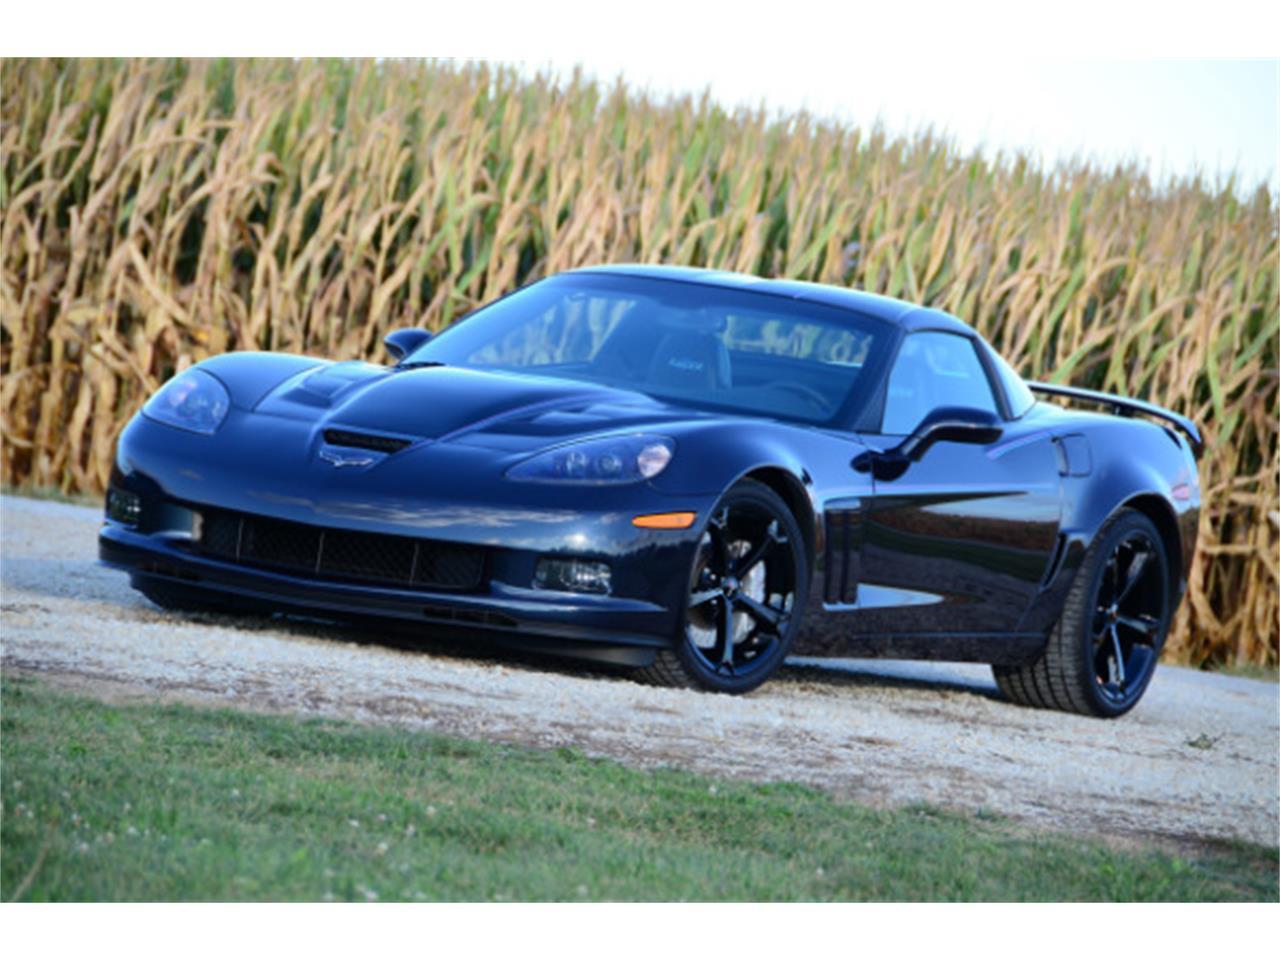 Large Picture of 2013 Chevrolet Corvette located in Ohio - $45,895.00 - L3E0